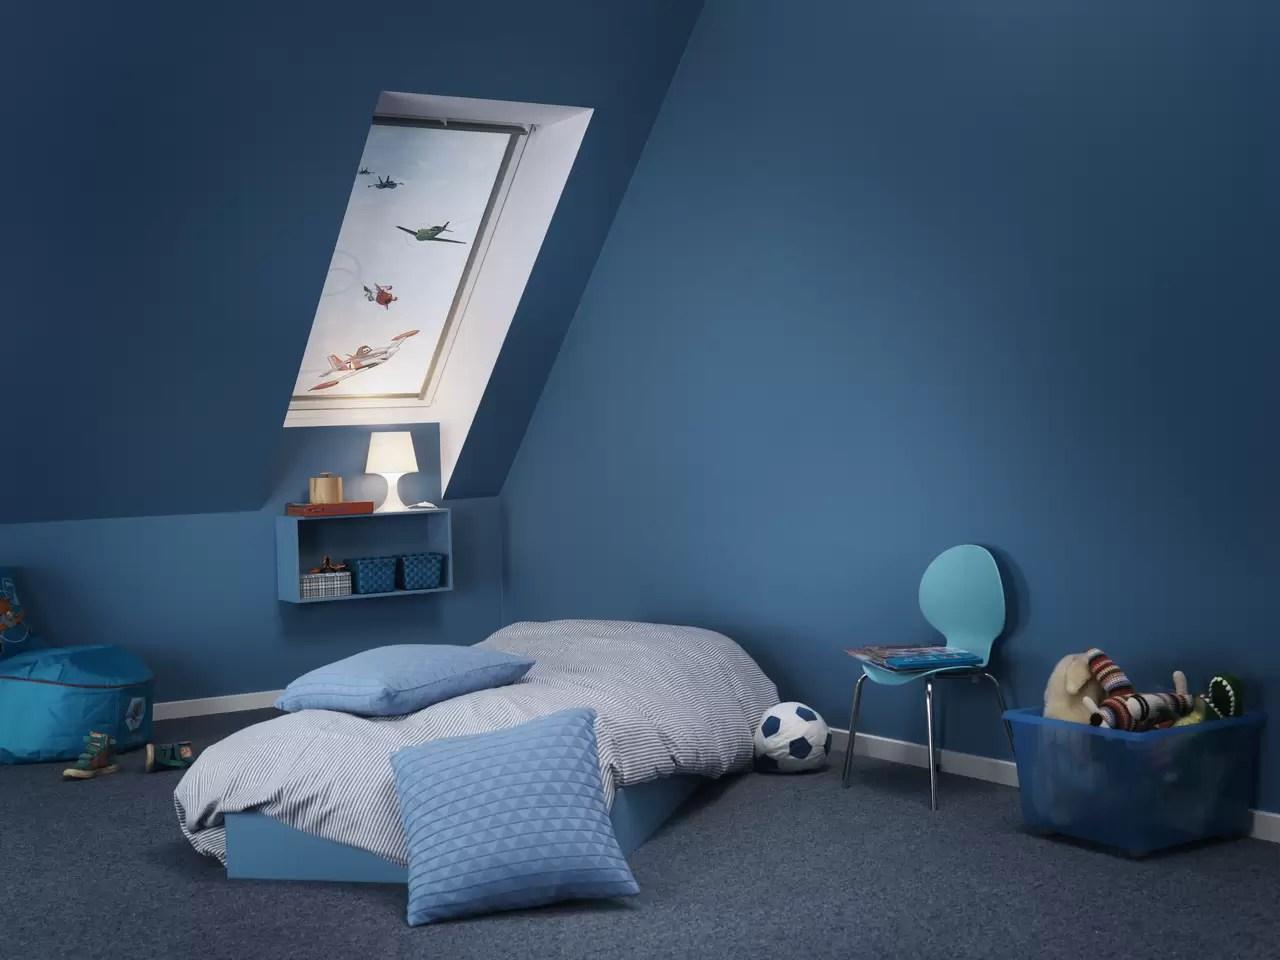 Una camera da letto blu per riposare meglio  Mansardait